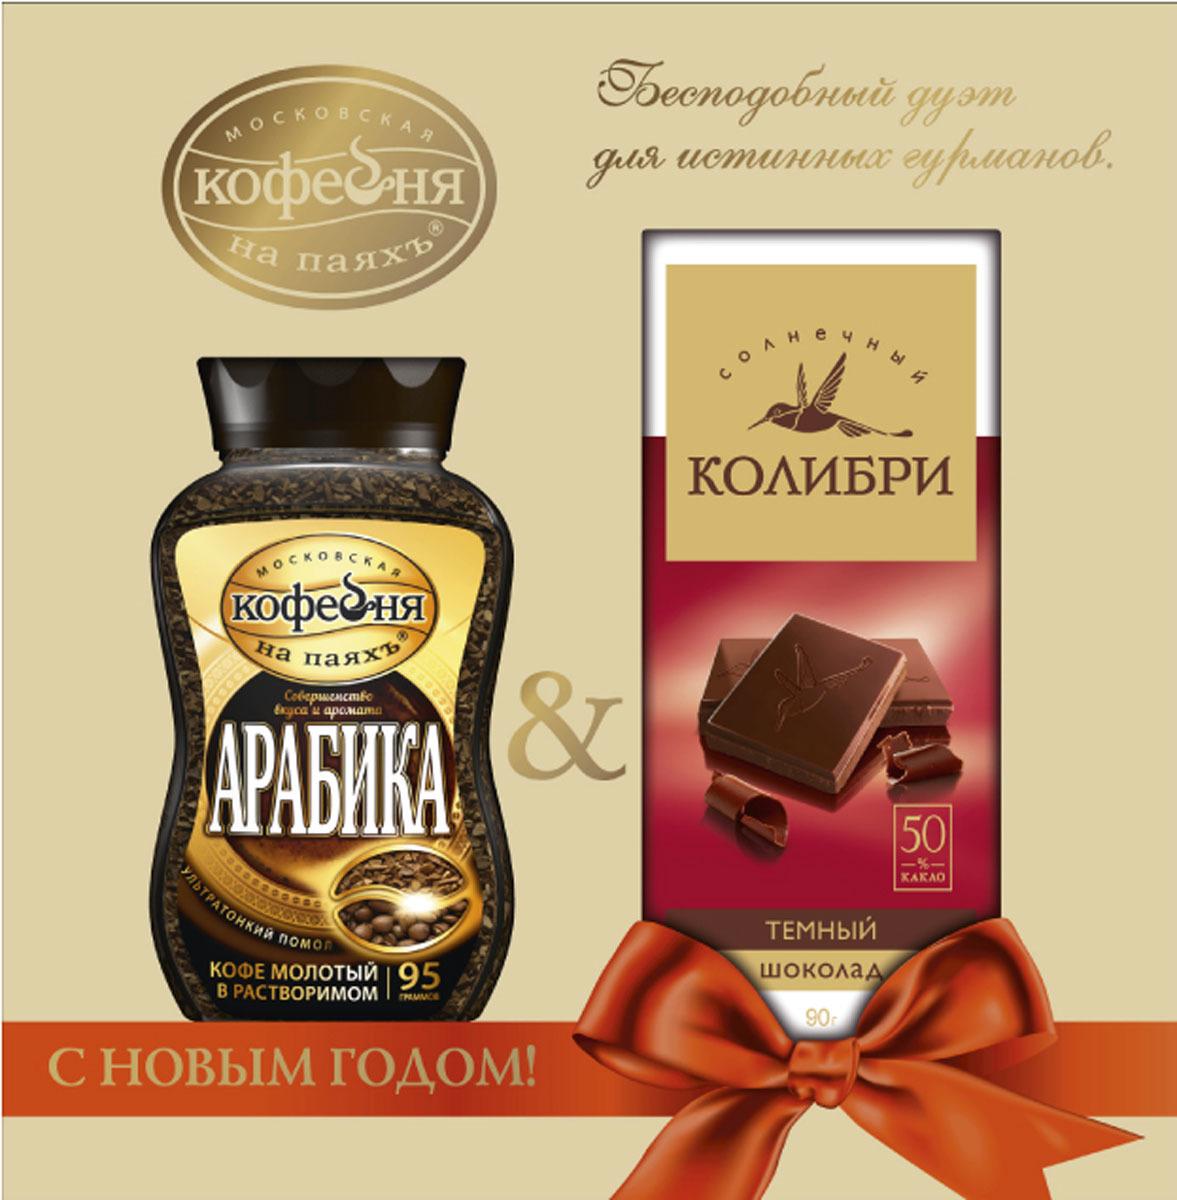 купить Подарочный набор Московская кофейня на паяхъ: кофе натуральный растворимый сублимированный Арабика, 95 г, шоколад темный Солнечный колибри, 90 г недорого